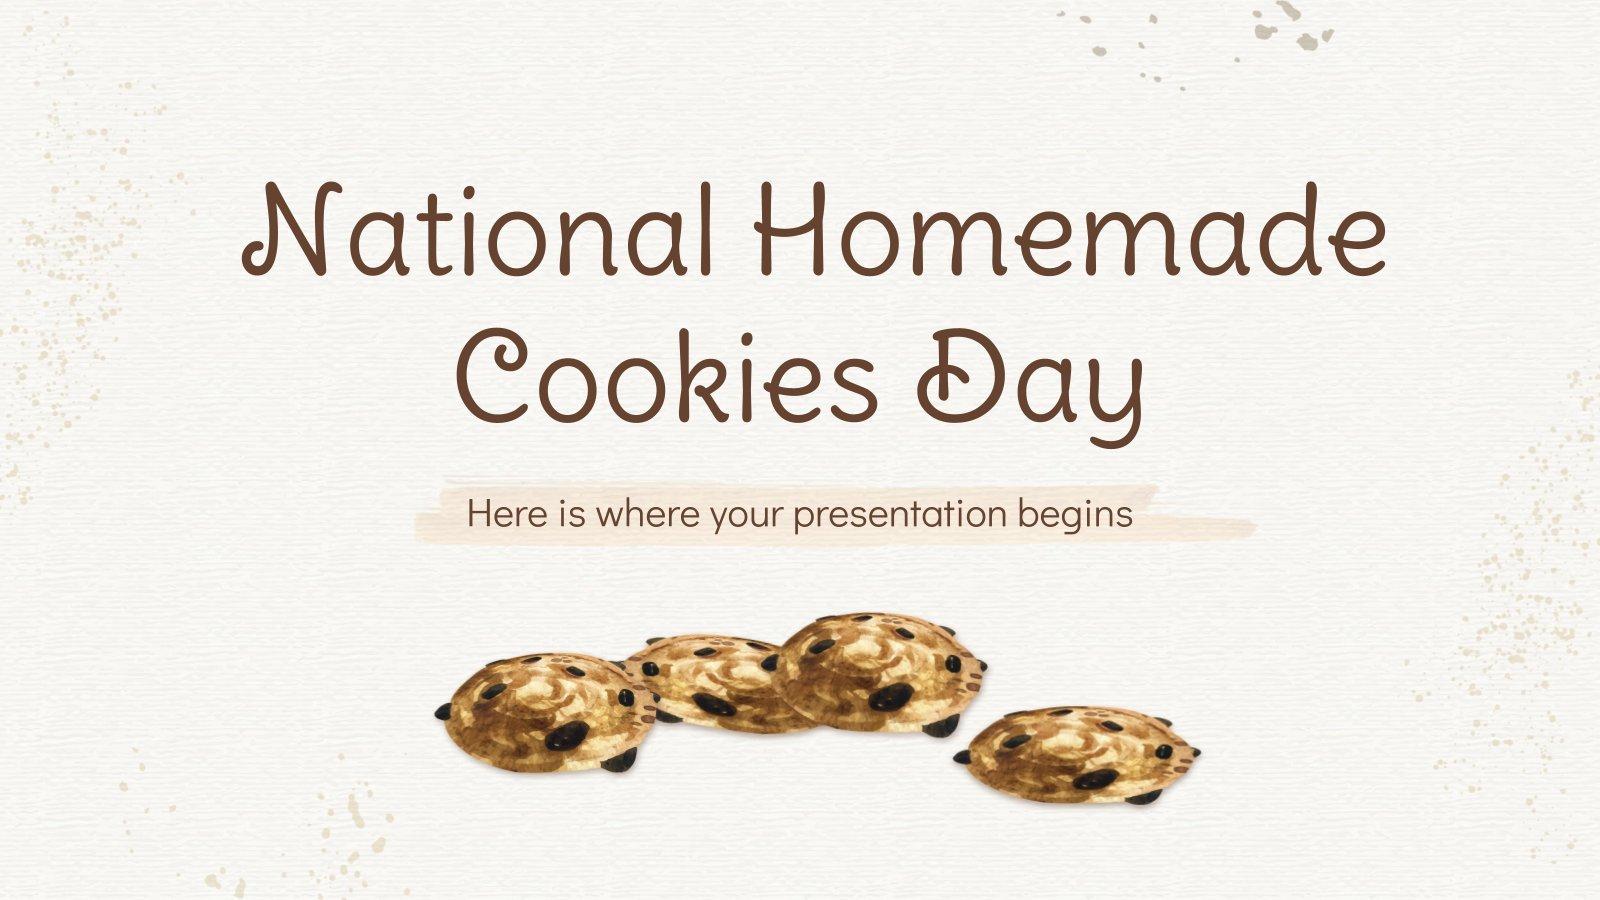 Plantilla de presentación Día nacional de las galletas caseras en EE. UU.